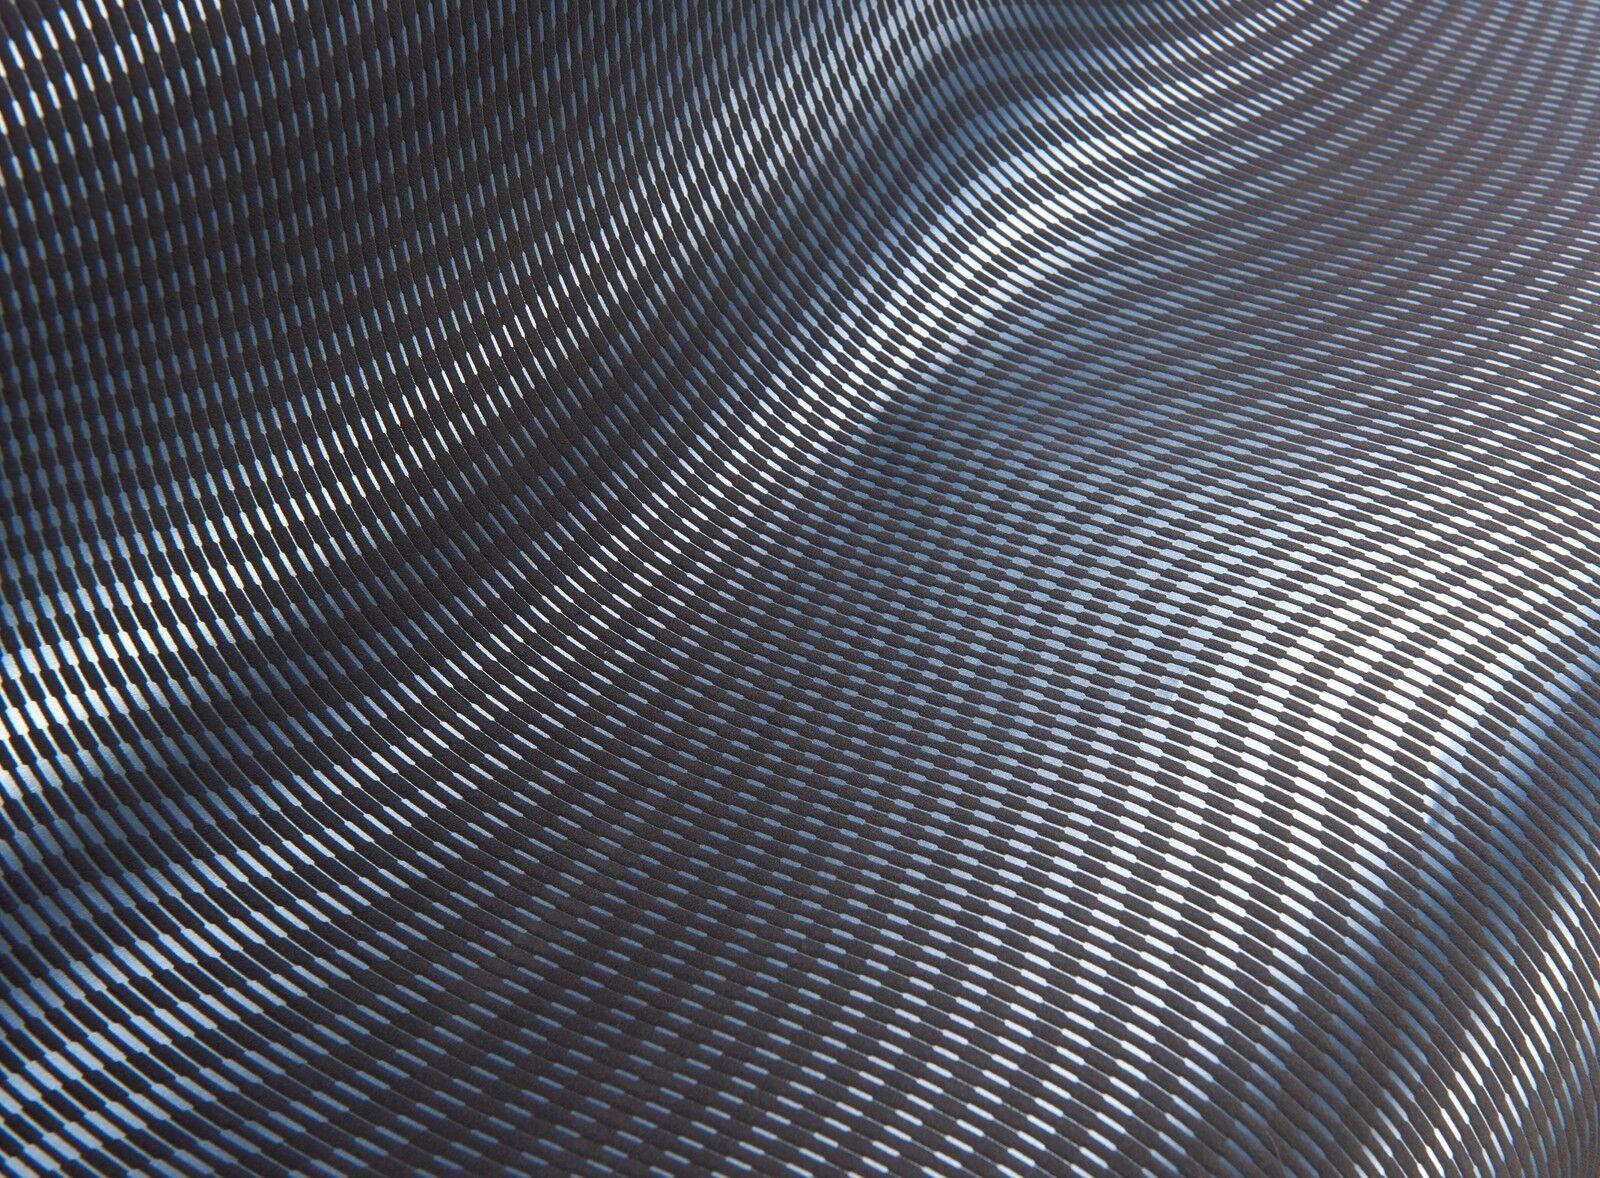 design vlies tapete wellen struktur schwarz blau metallic glanz effekt 402055 kaufen bei. Black Bedroom Furniture Sets. Home Design Ideas